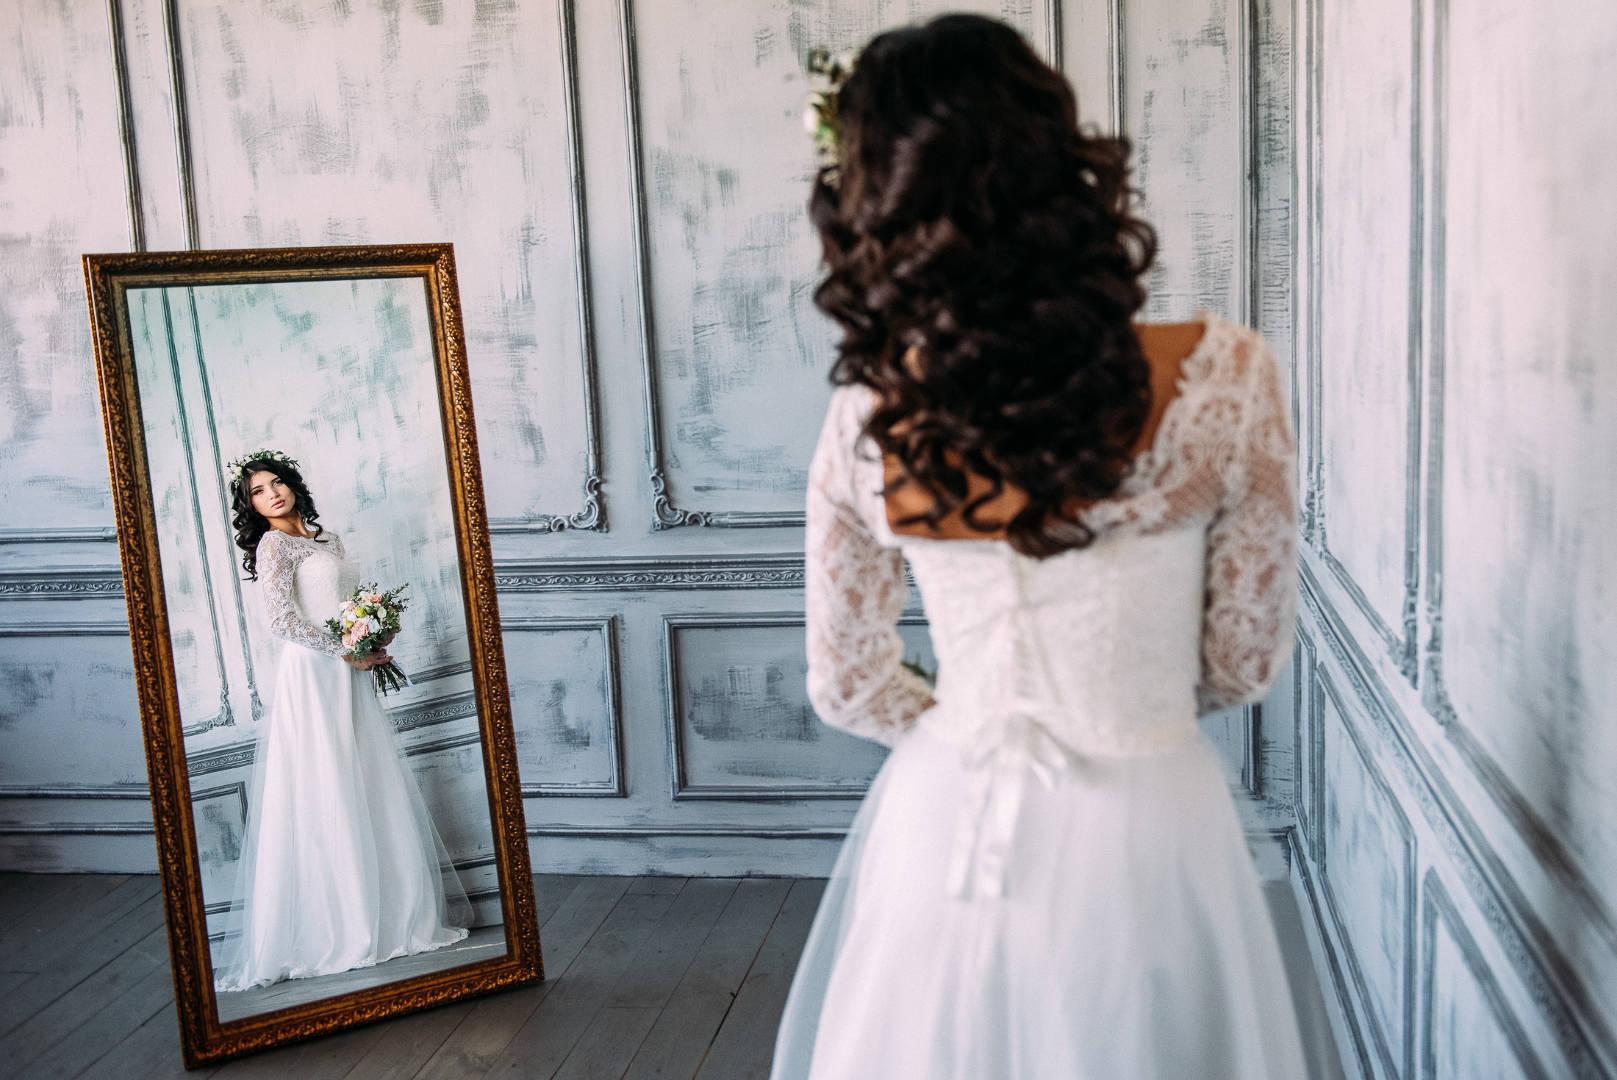 почему в свадебных салонах нельзя фотографировать все